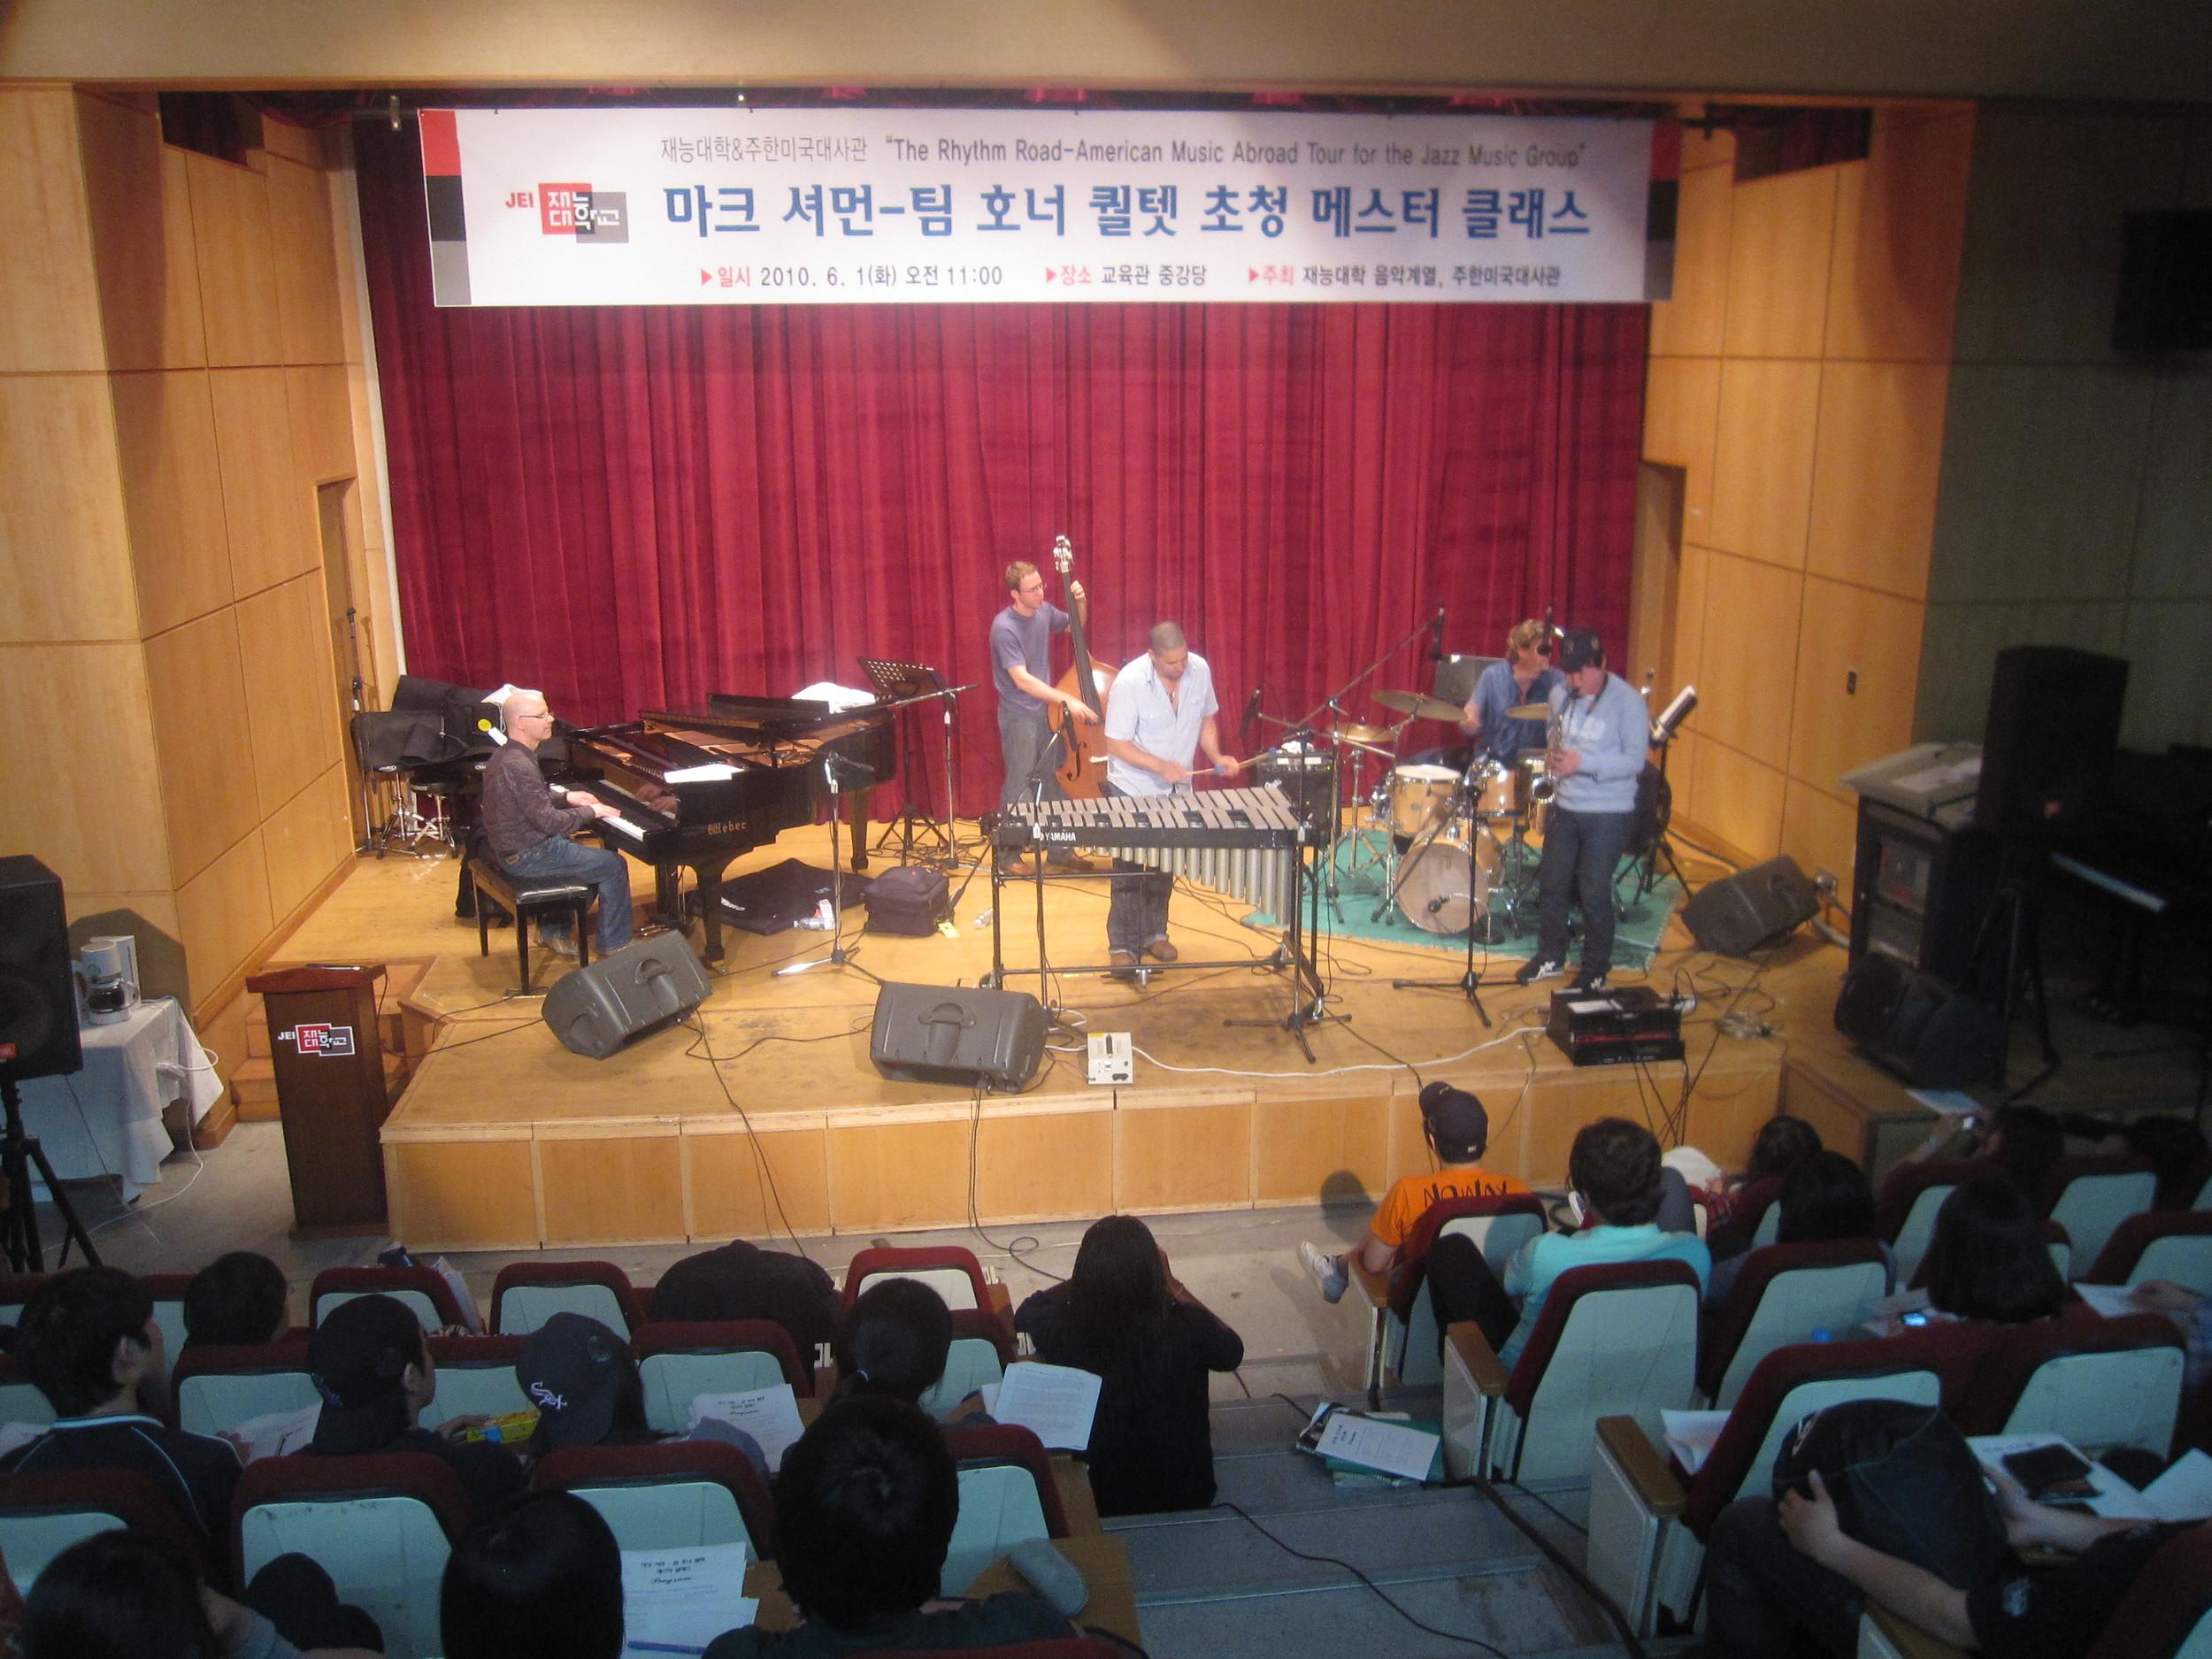 Mark Sherman/Tim Horner Quartet doing a workshop 2010, South Korea